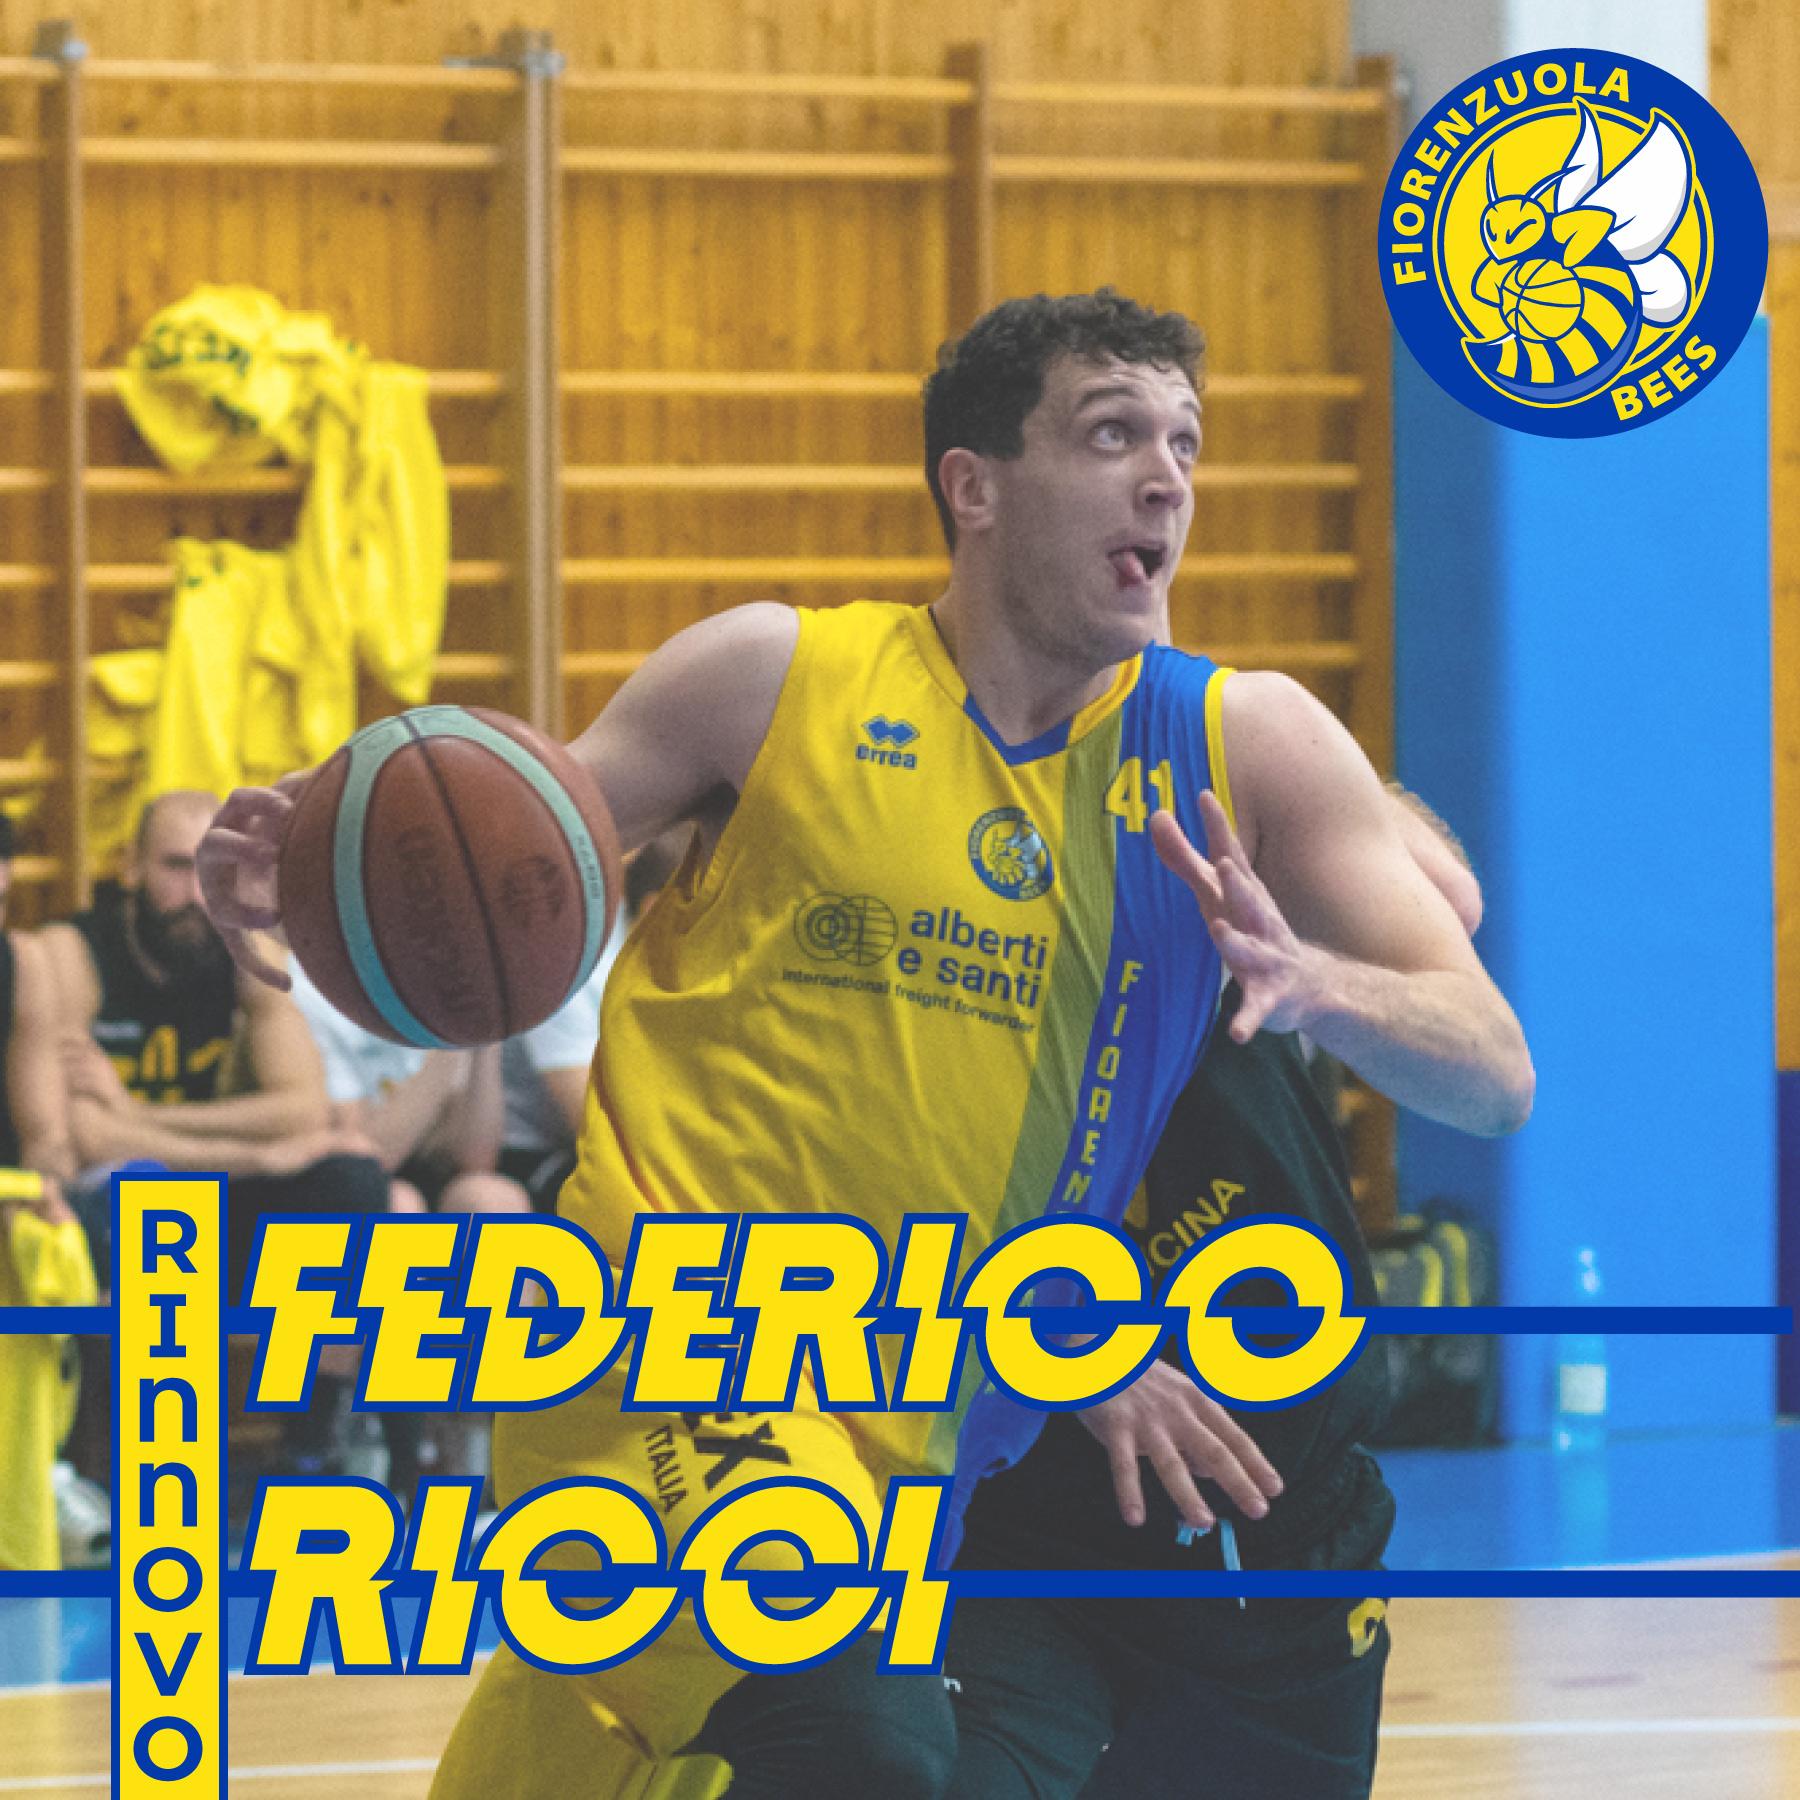 Federico Ricci rimane con i Fiorenzuola Bees